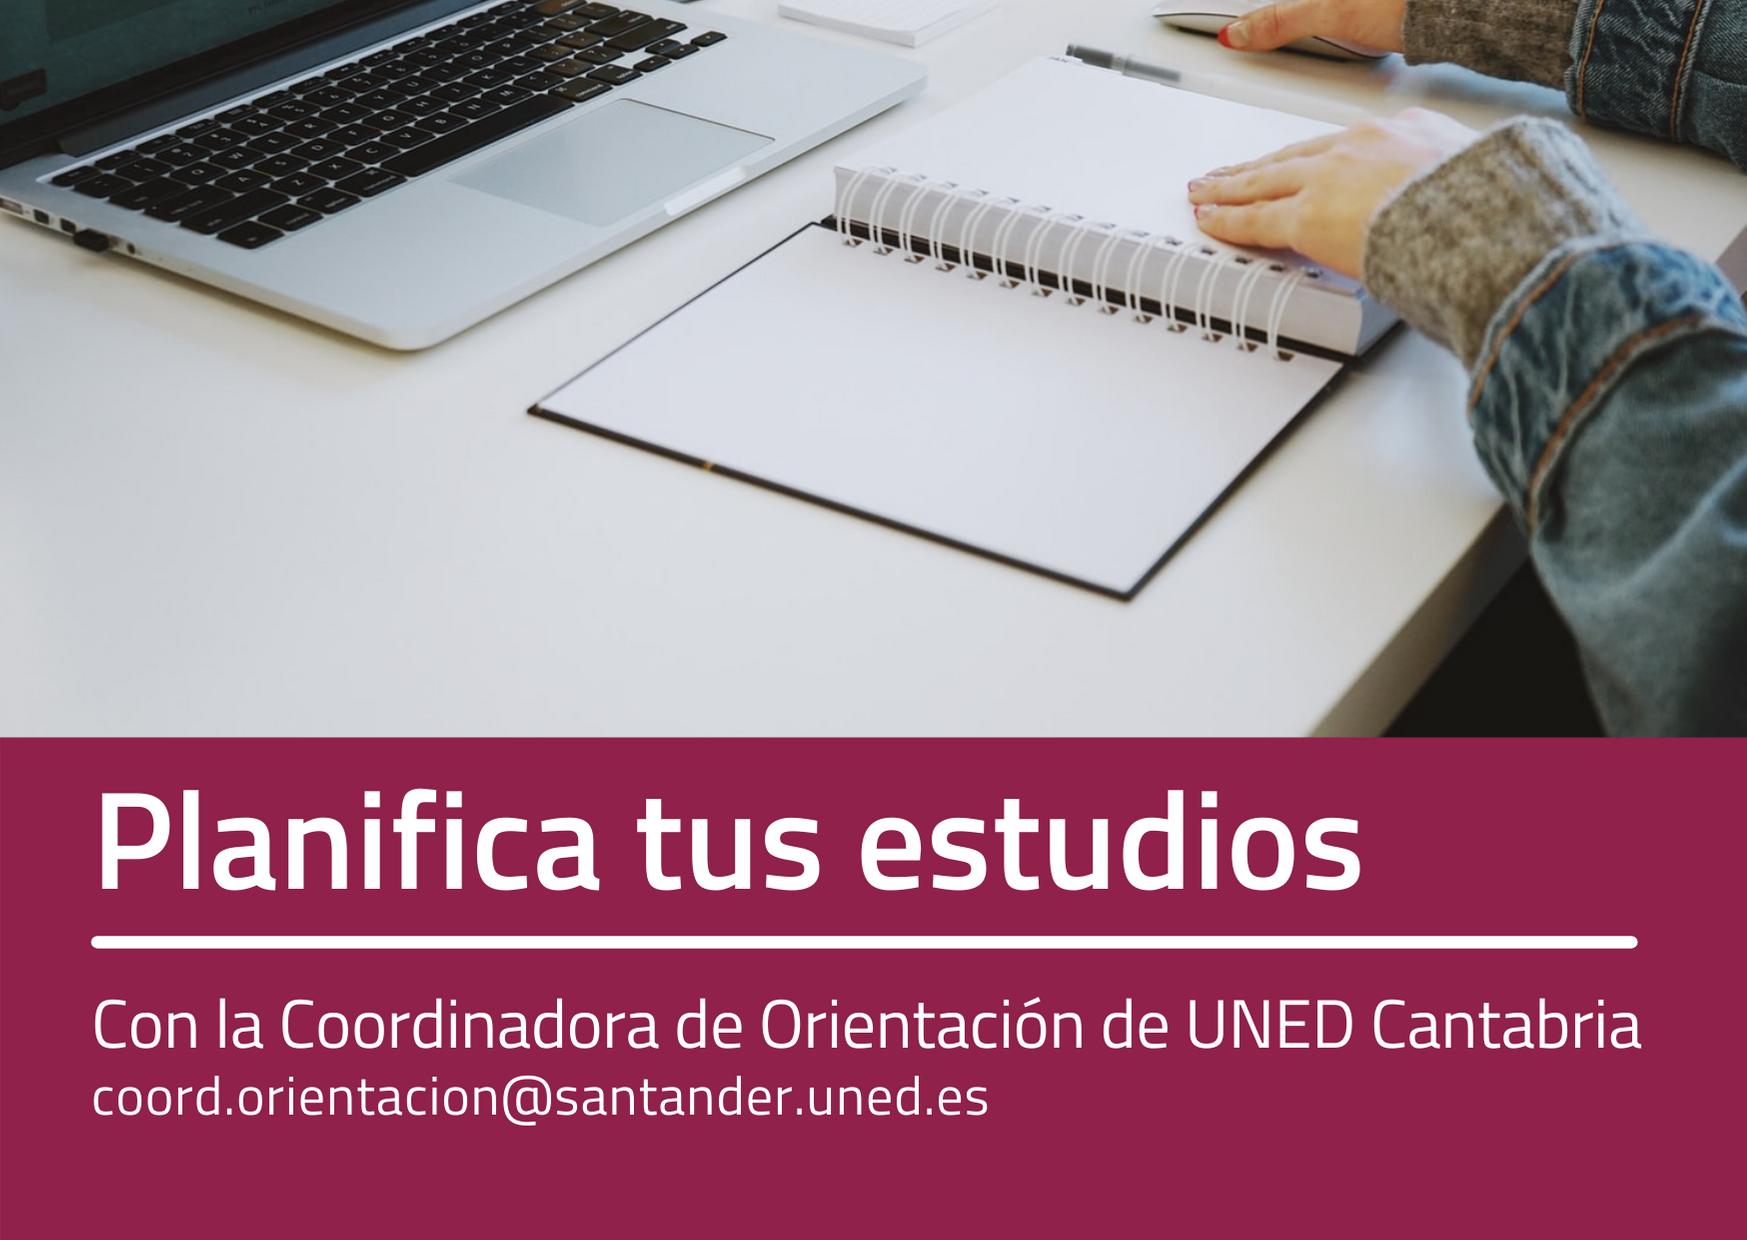 contacta-orientación-planificar-estudios-uned-cantabria-rs